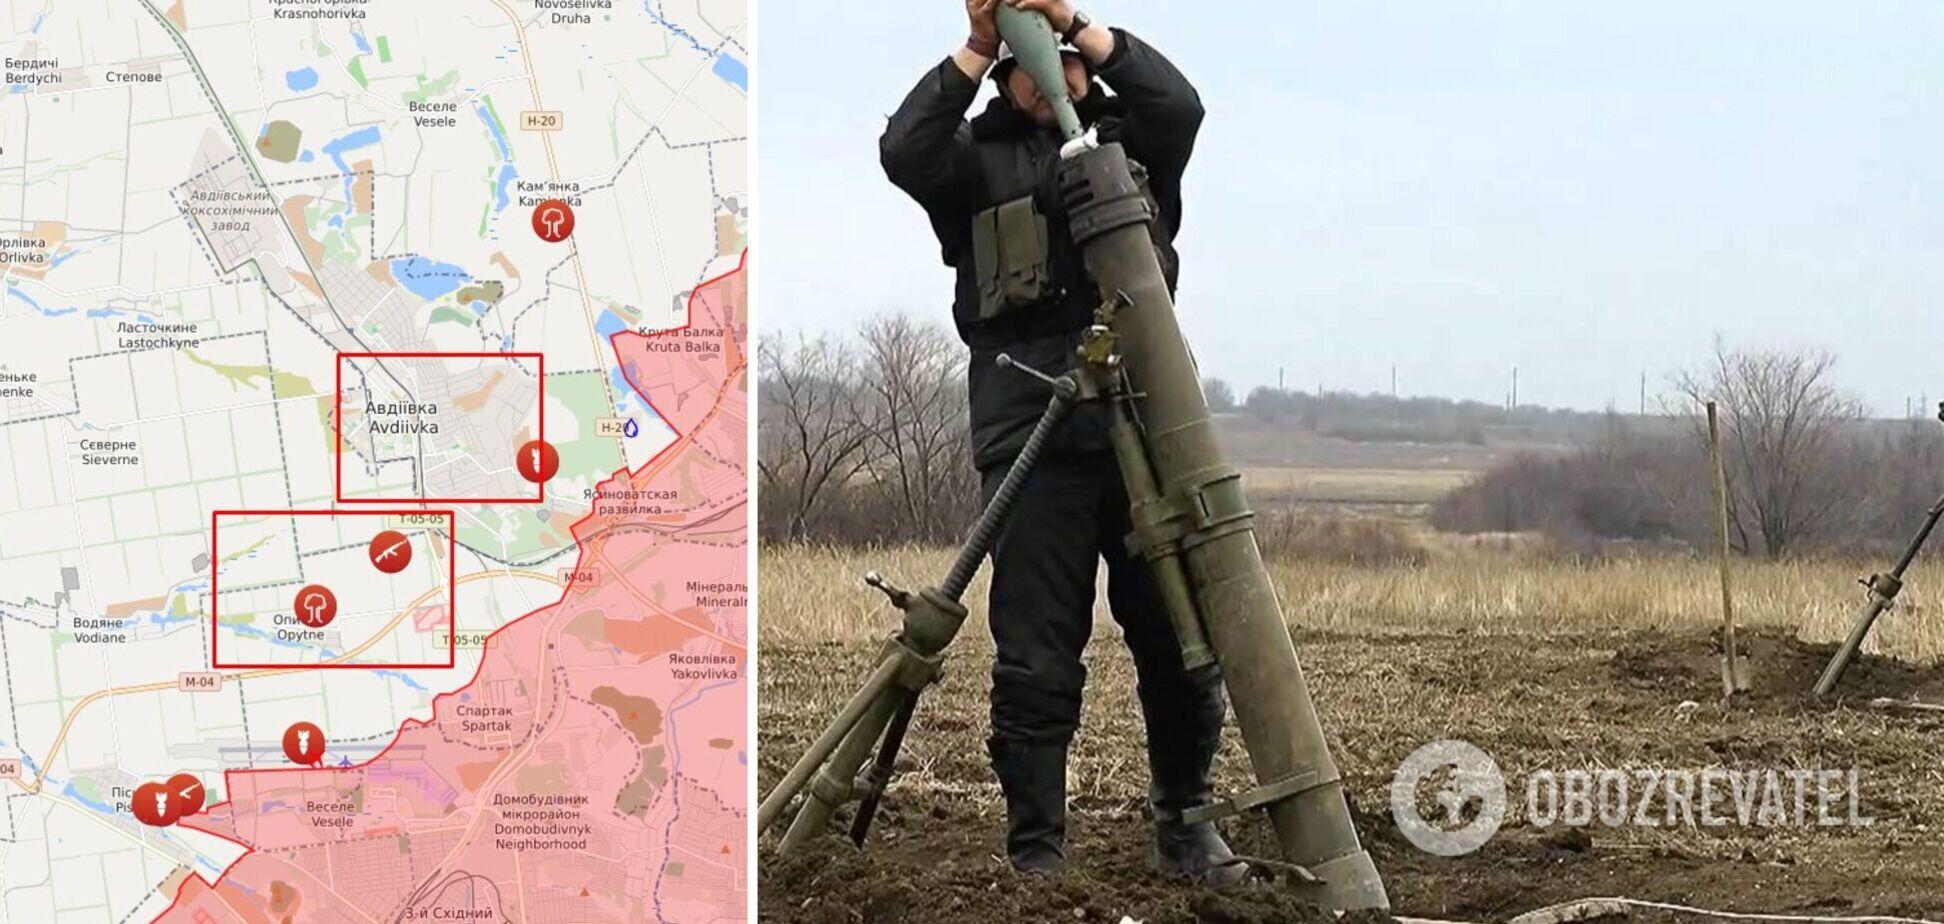 Наемники РФ на Донбассе открыли артиллерийский огонь по ВСУ и получили ответ. Карта